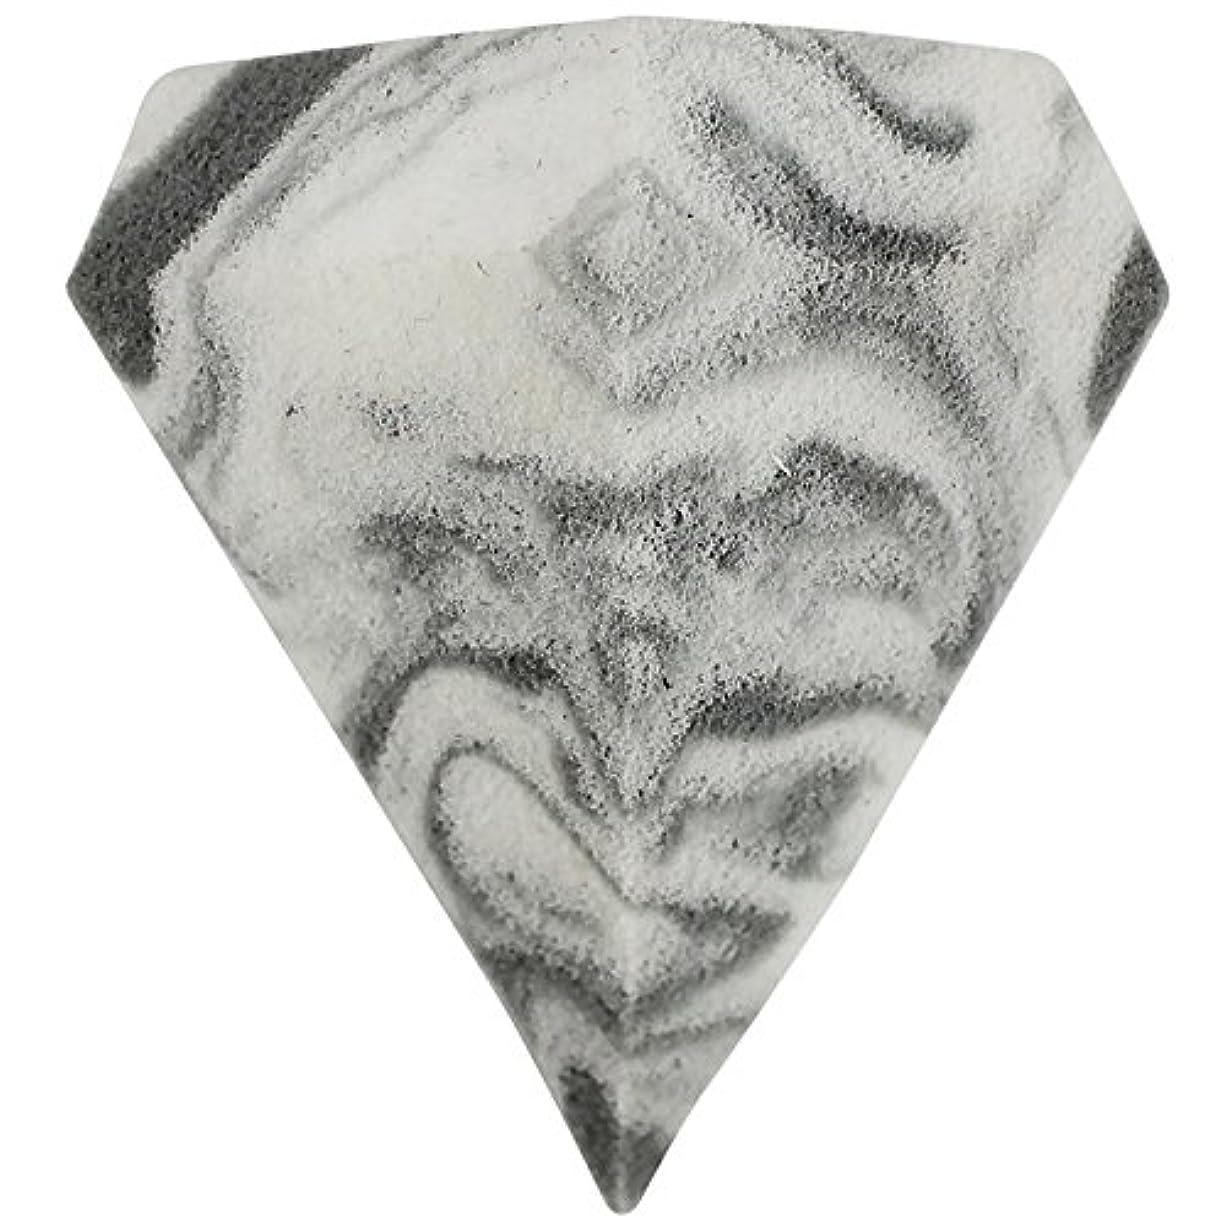 居住者制約一目リアルテクニクス ミラクル ダイヤモンド スポンジ 1個